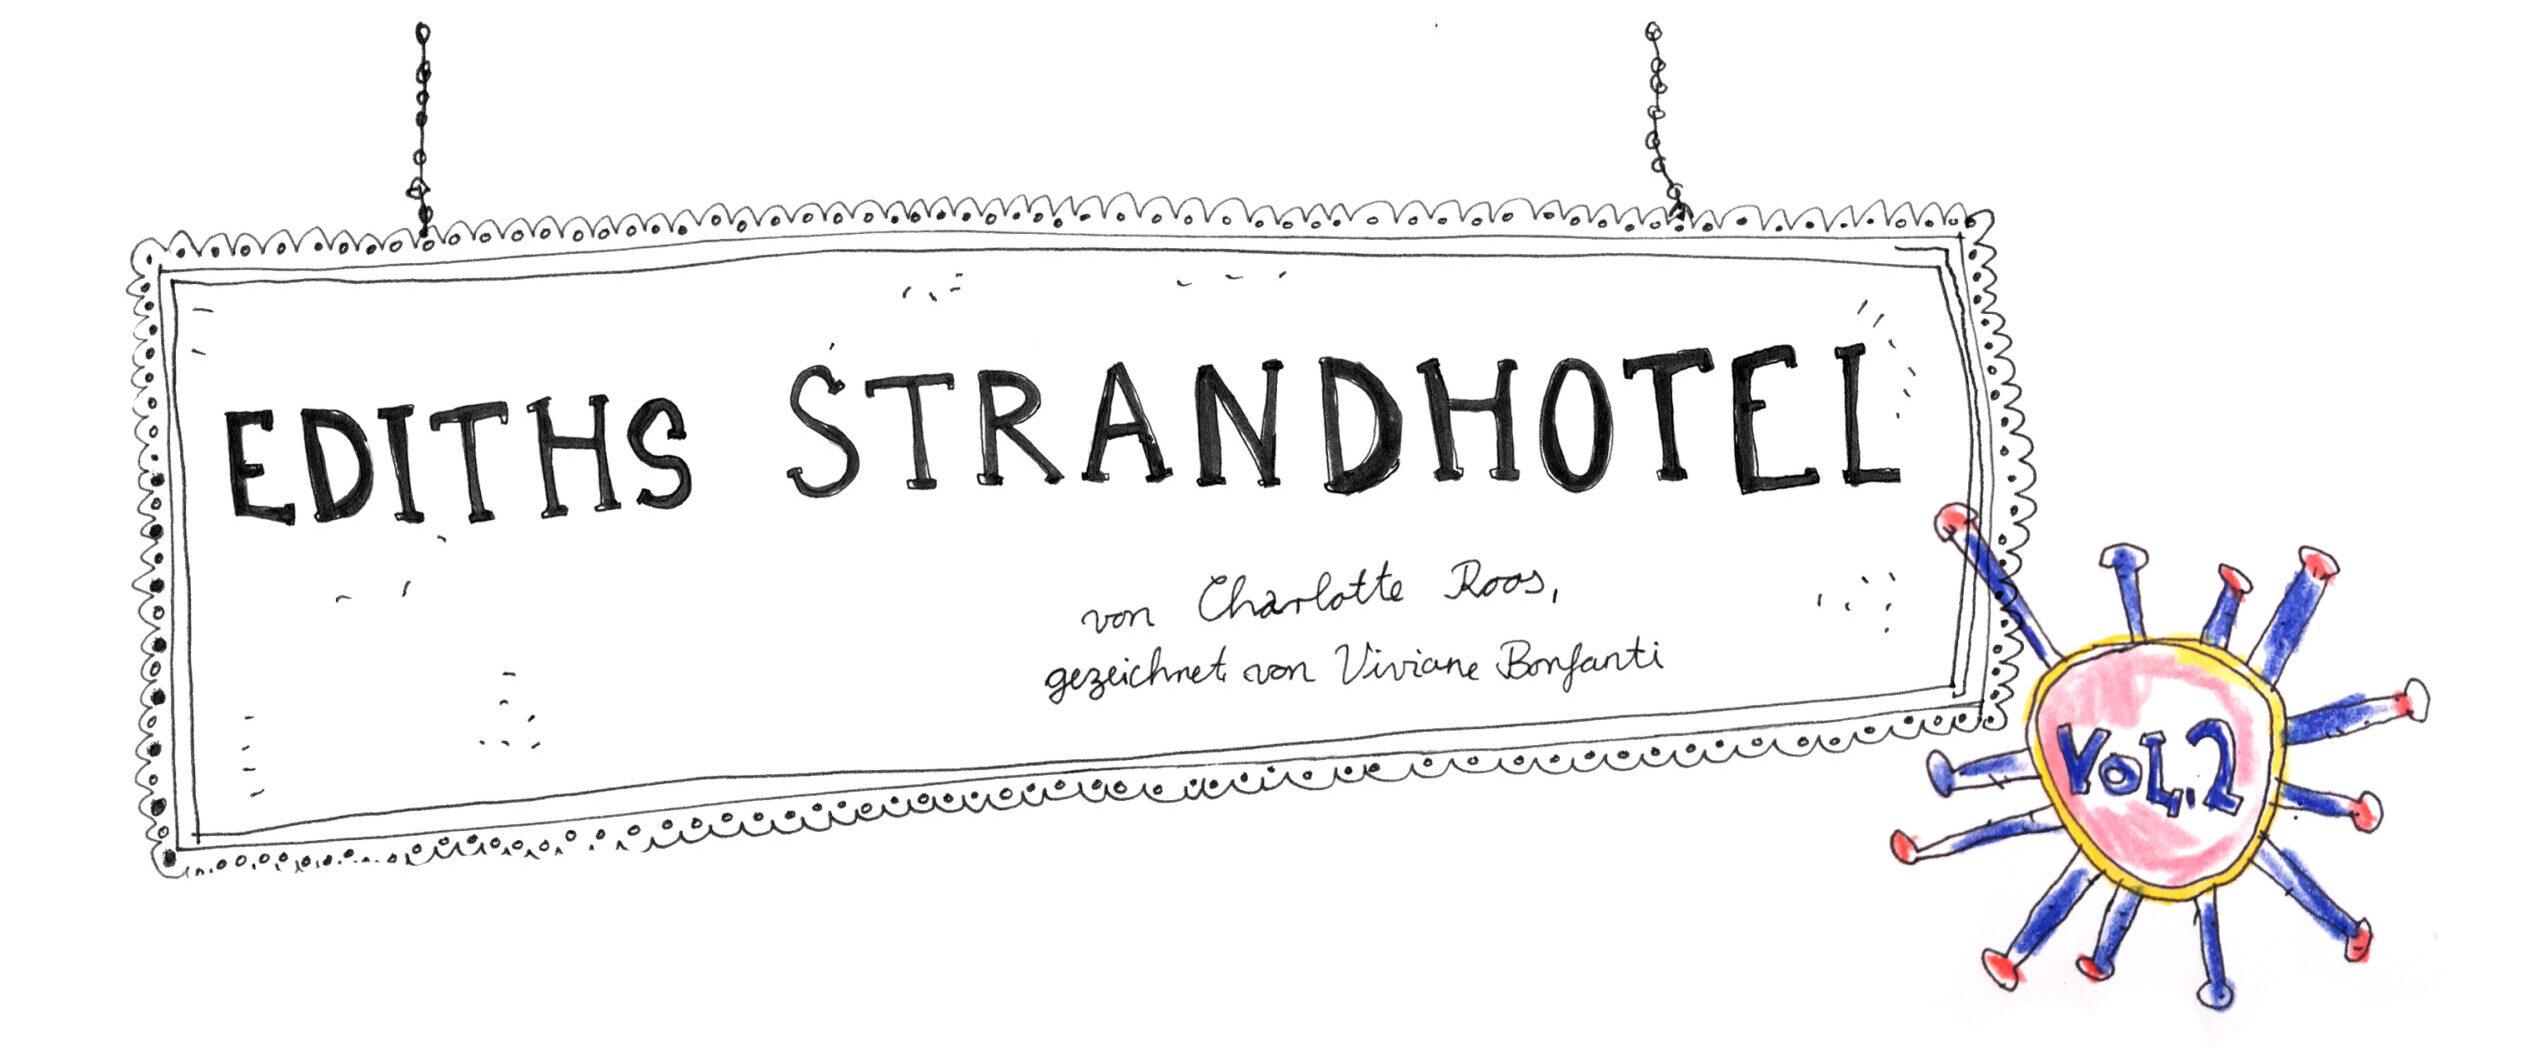 Ediths Strandhotel